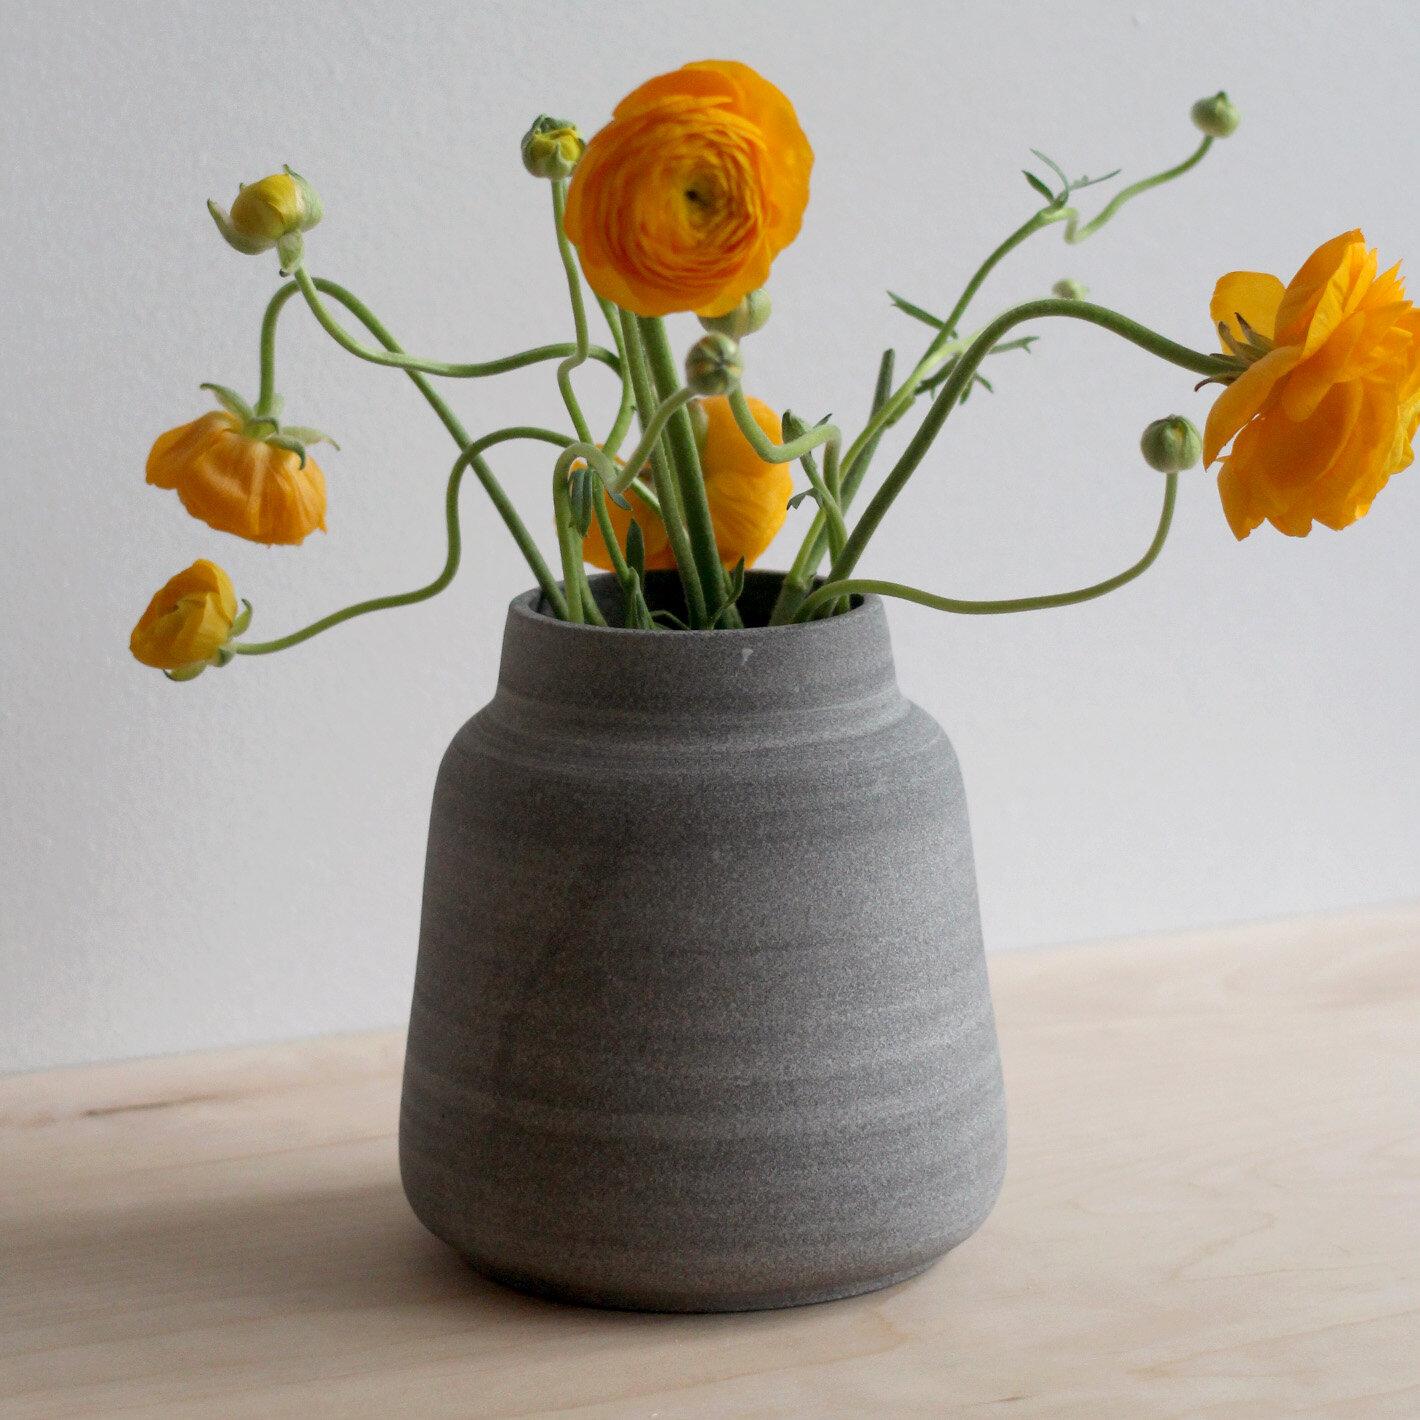 Vase5.jpg